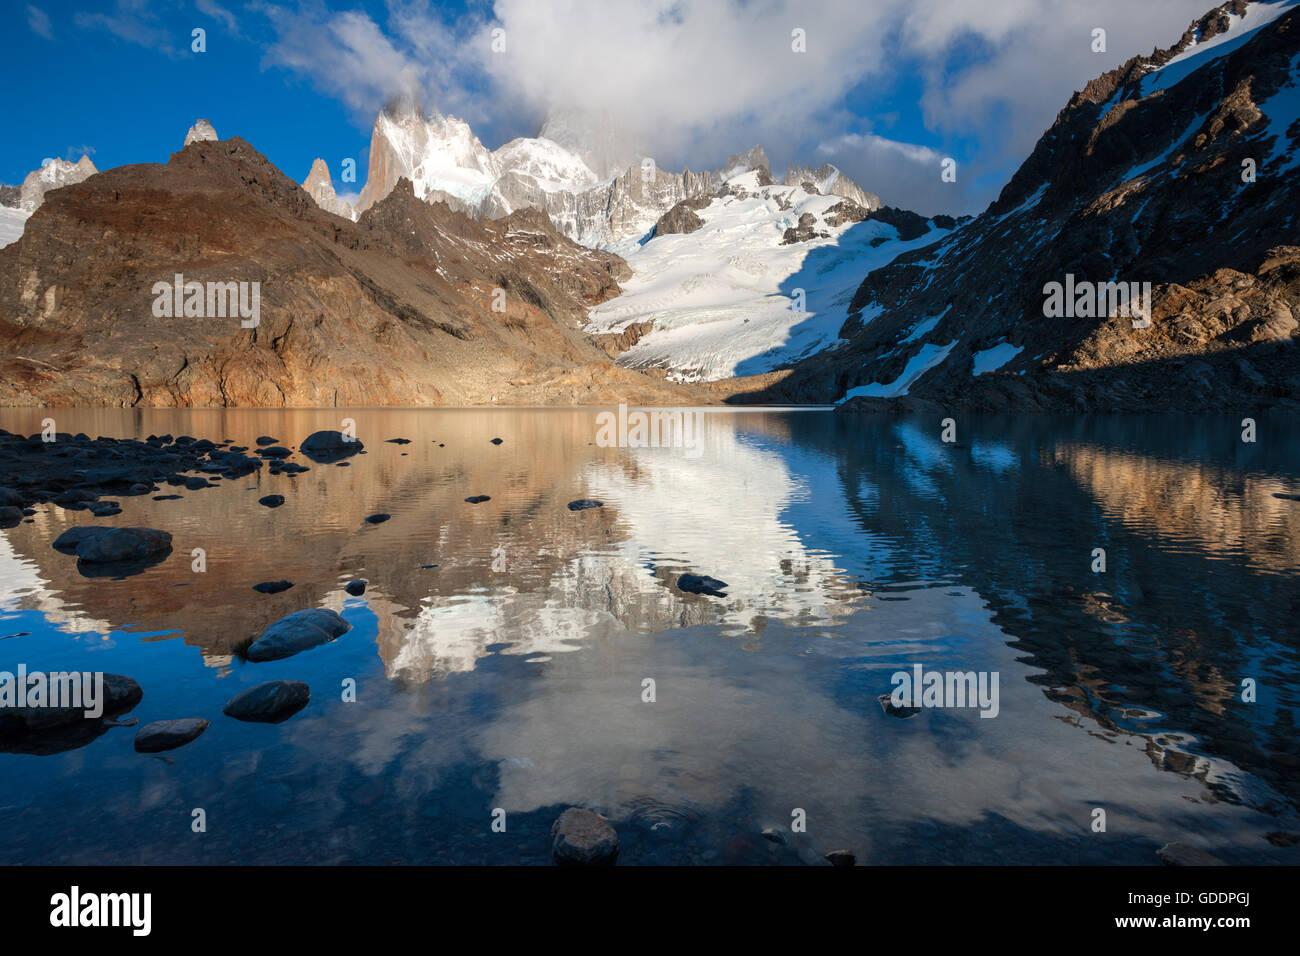 Laguna de los Tres,Argentina,Patagonia - Stock Image